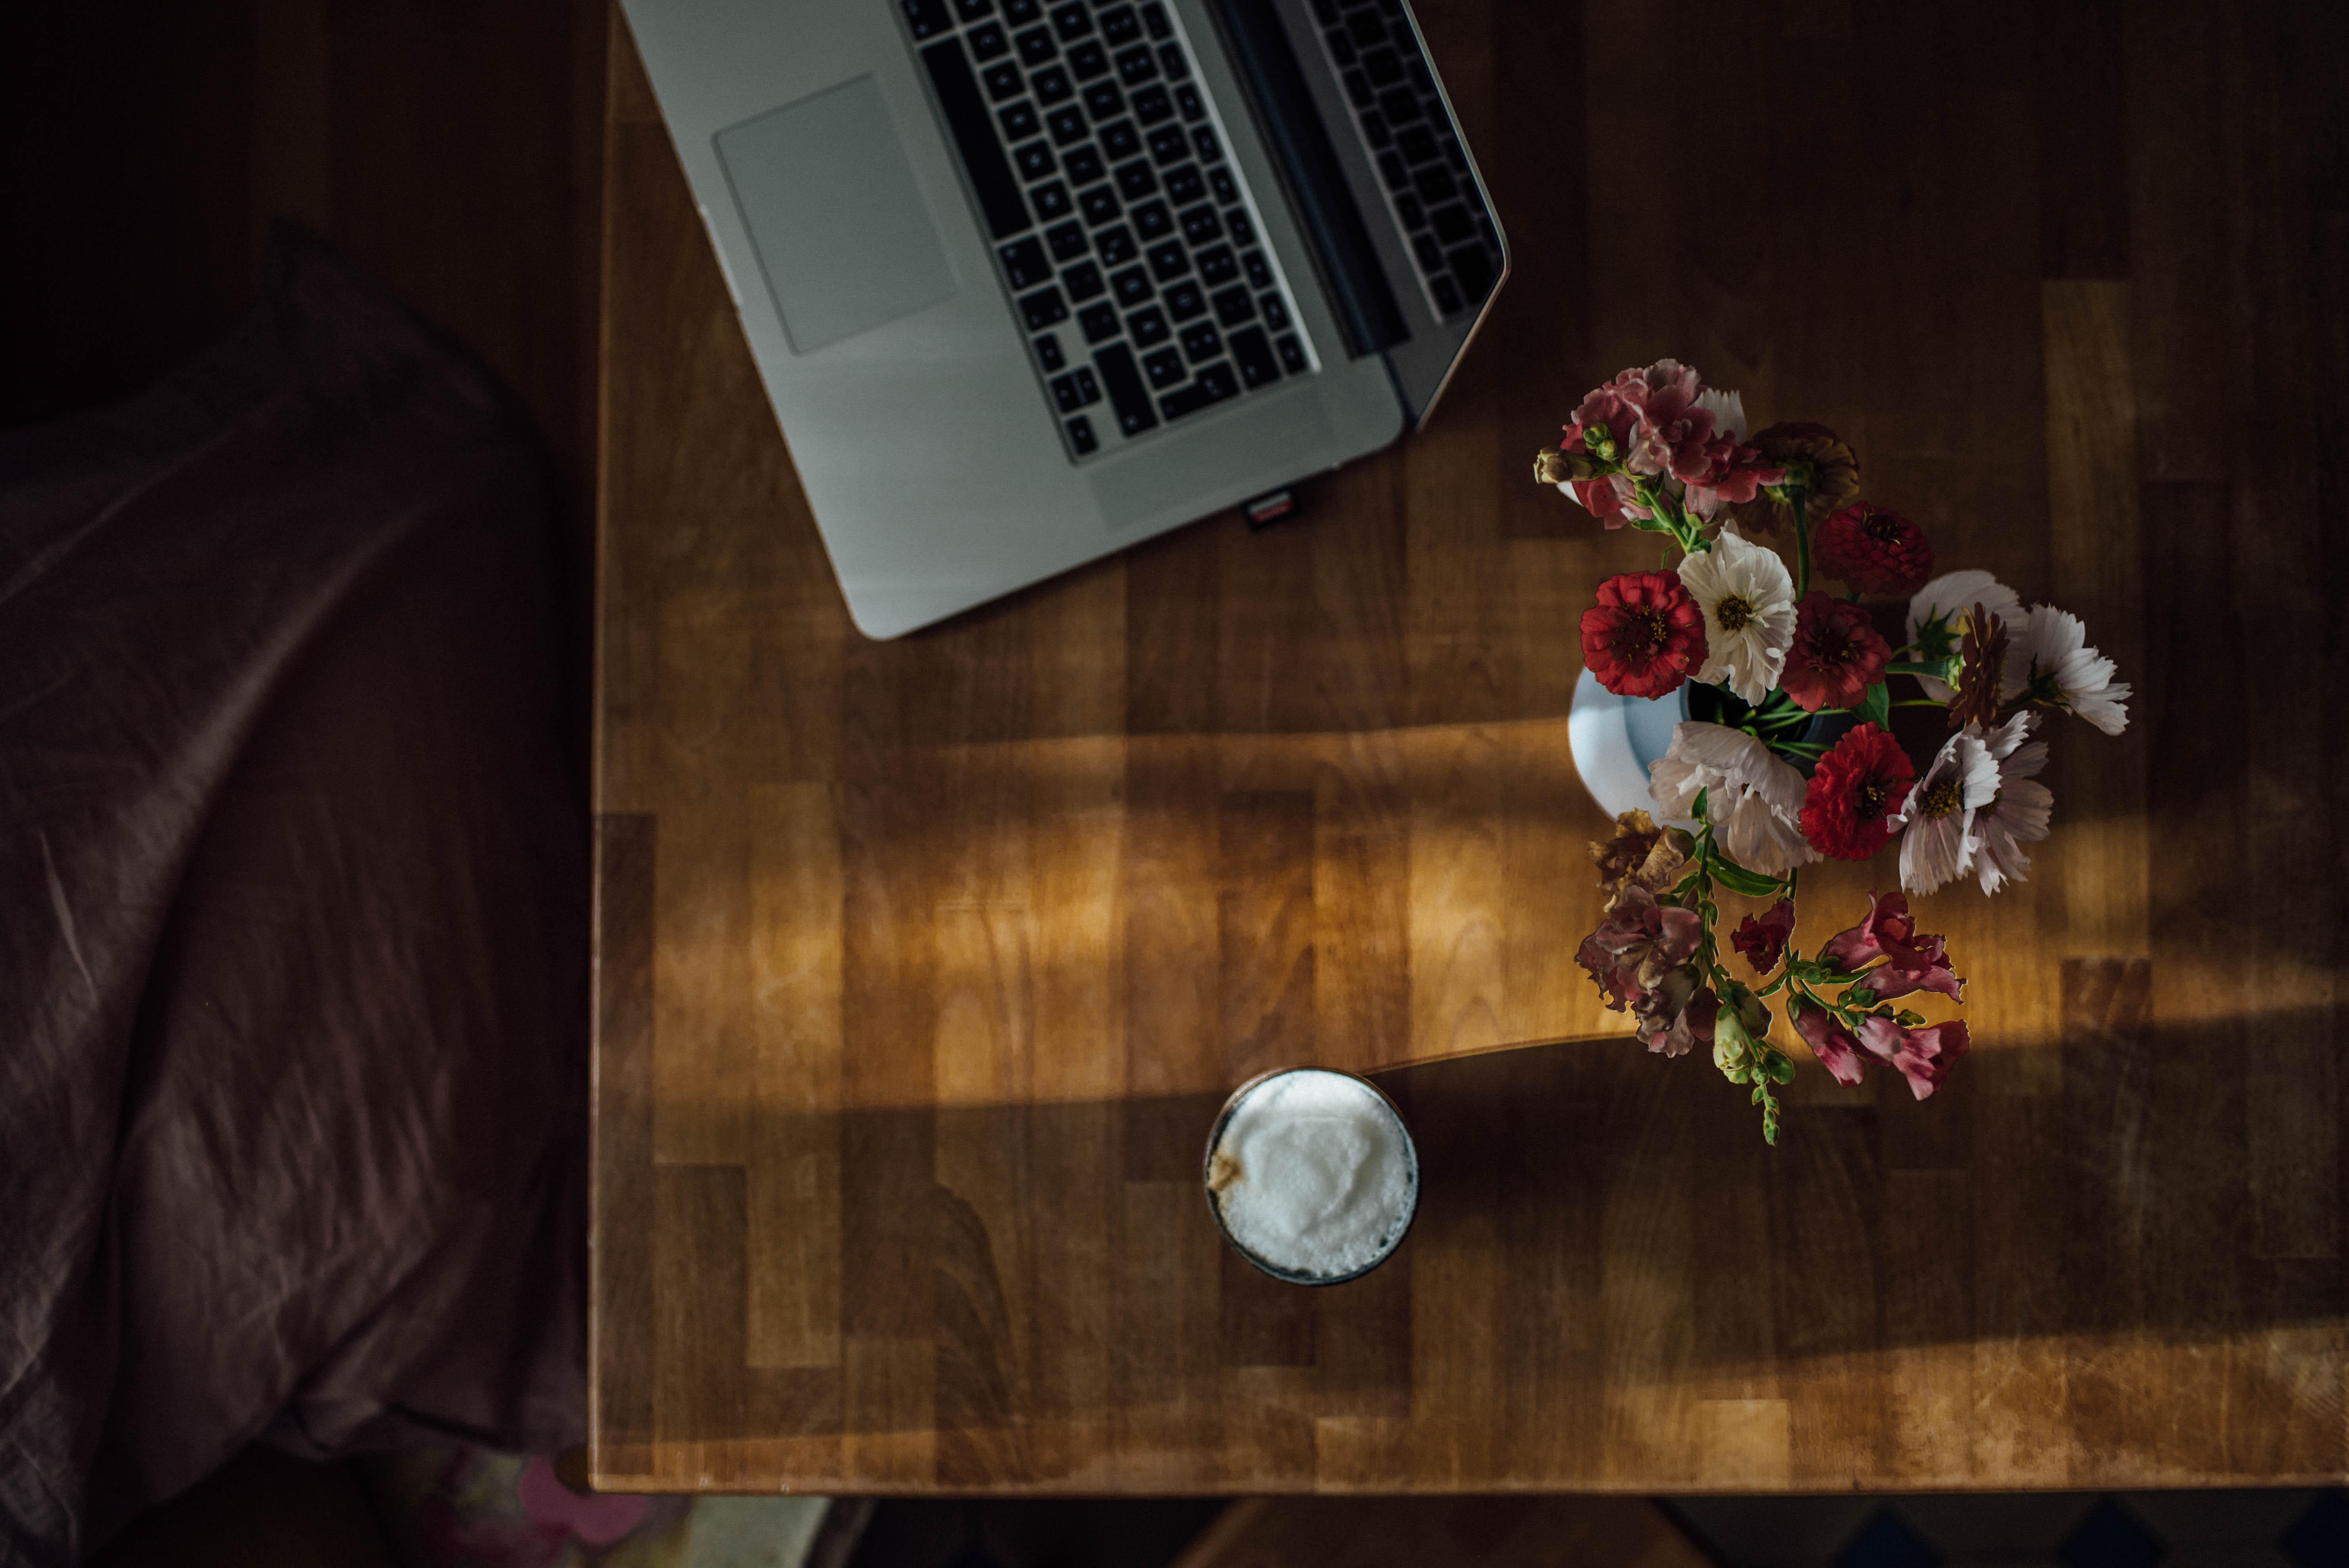 Laptop Arbeitsplatz Homeoffice Selbstständig Fotograf Marketing für Fotografen